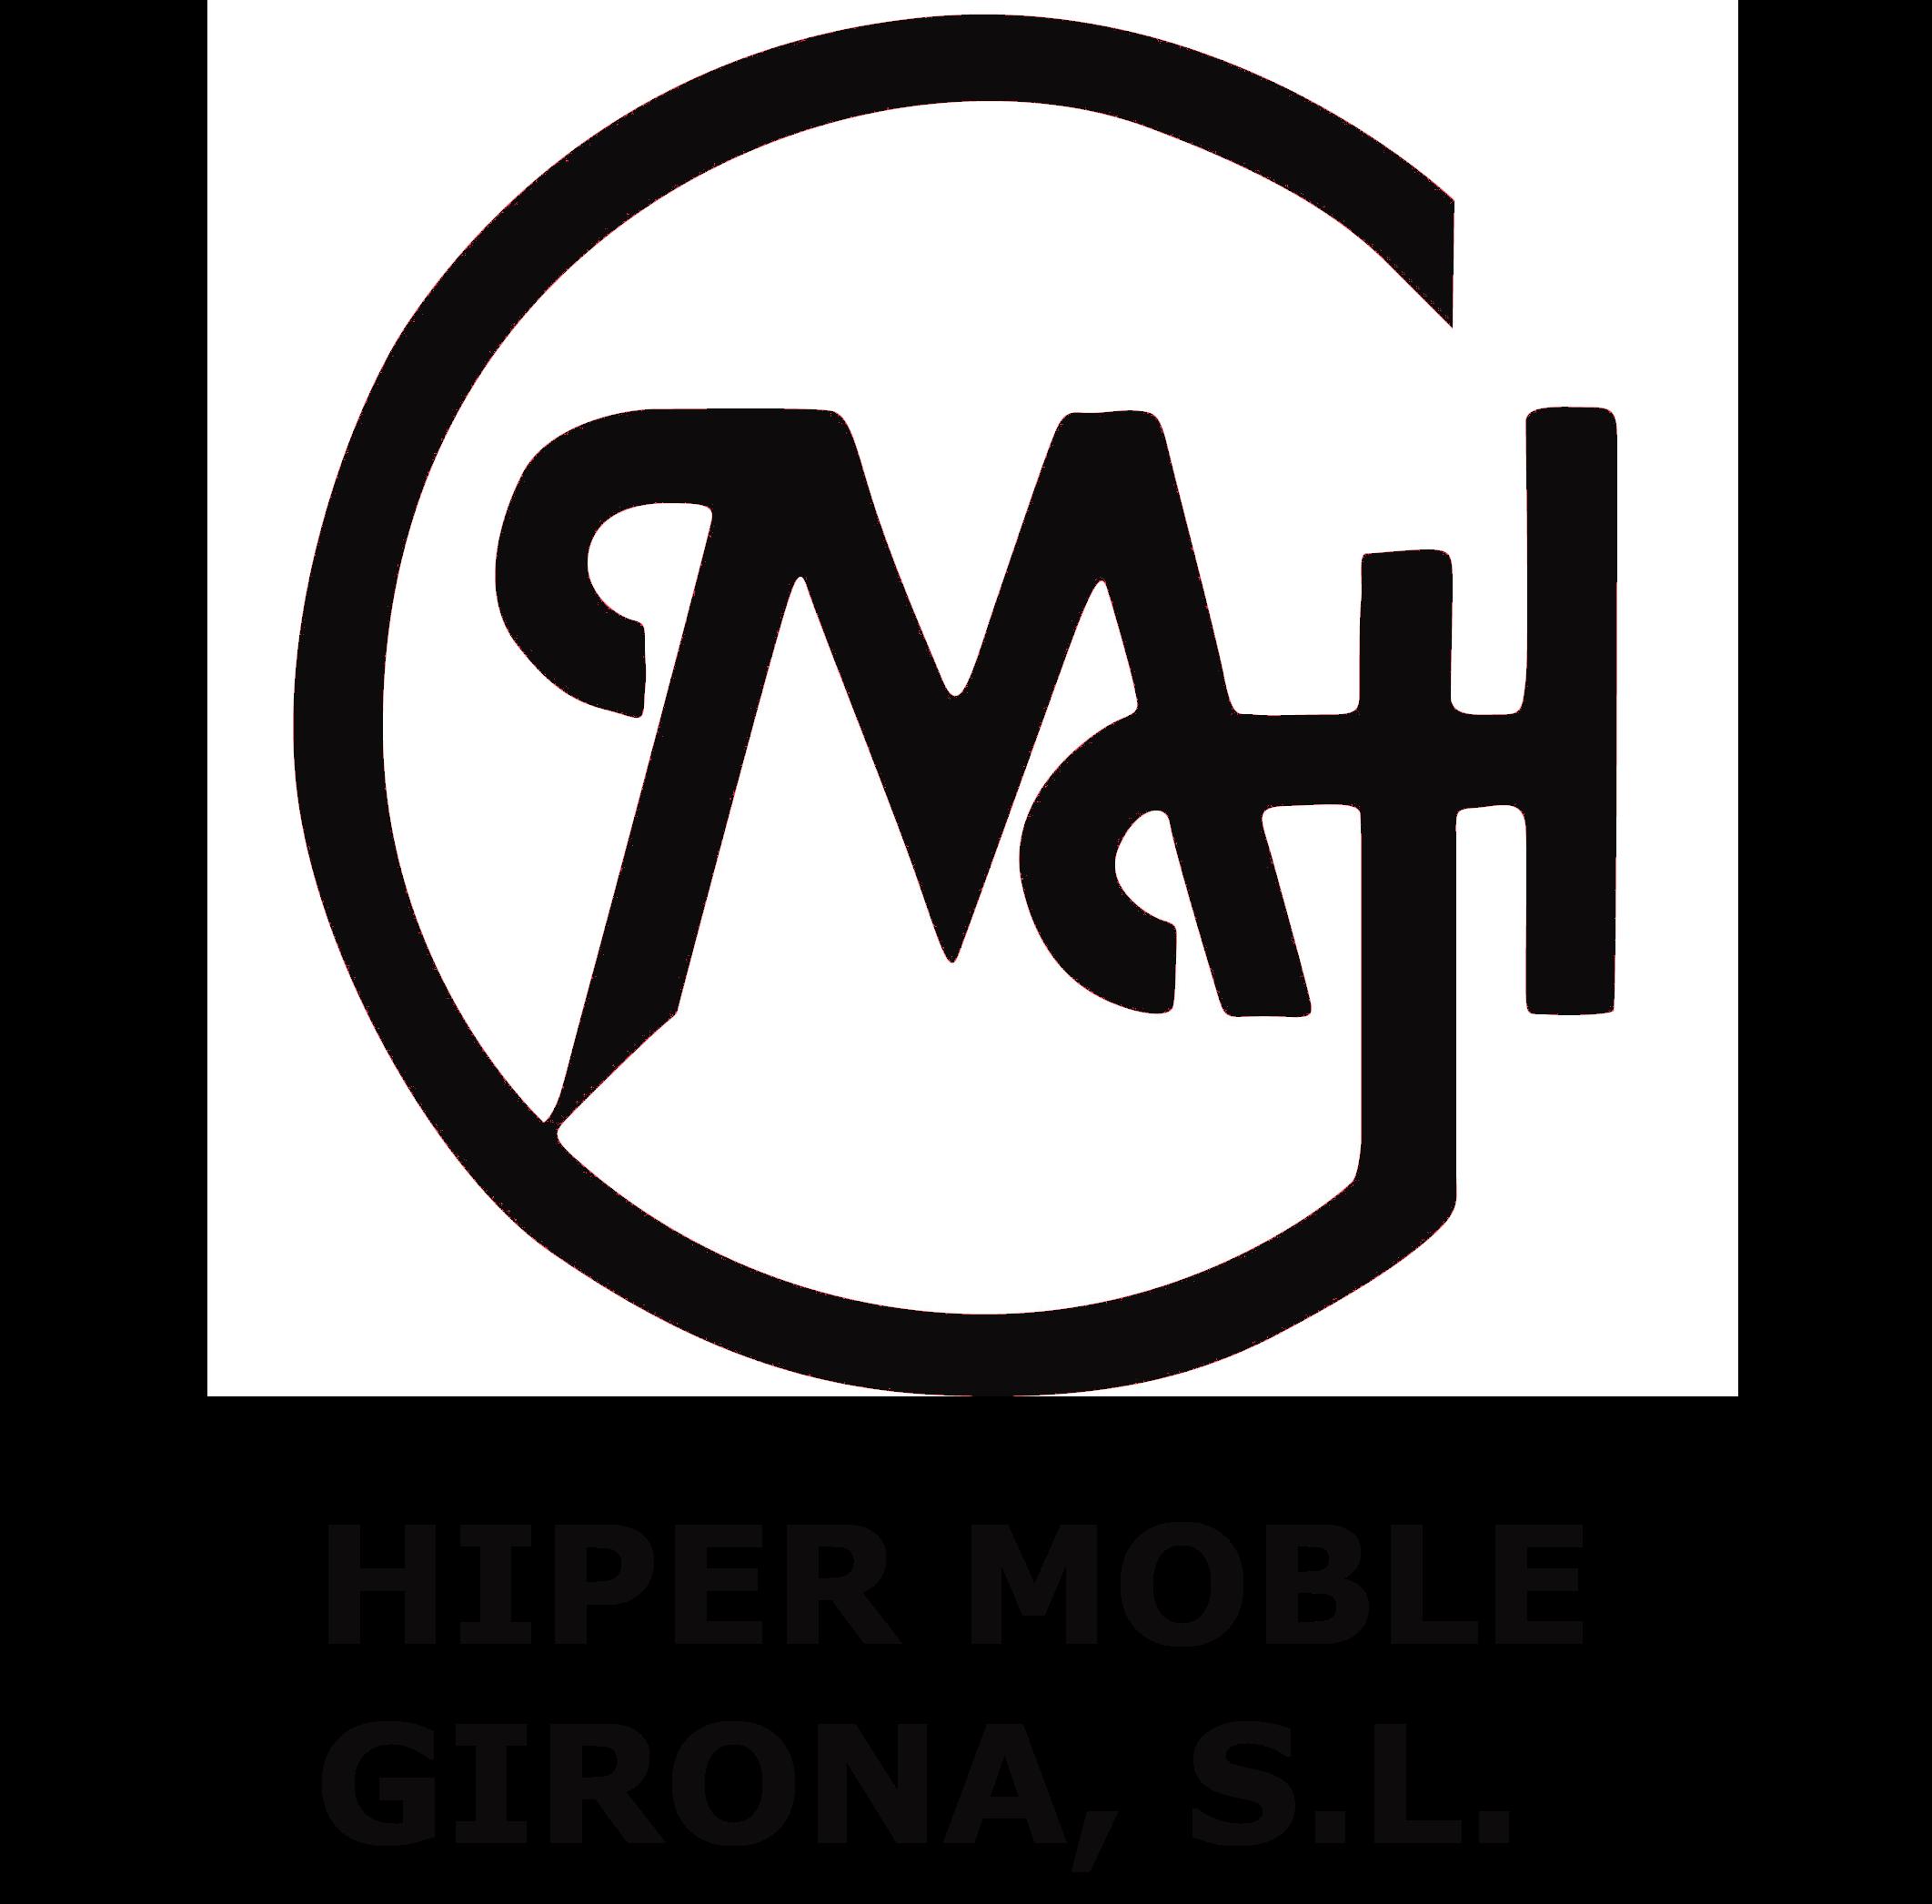 Hipermoble Girona